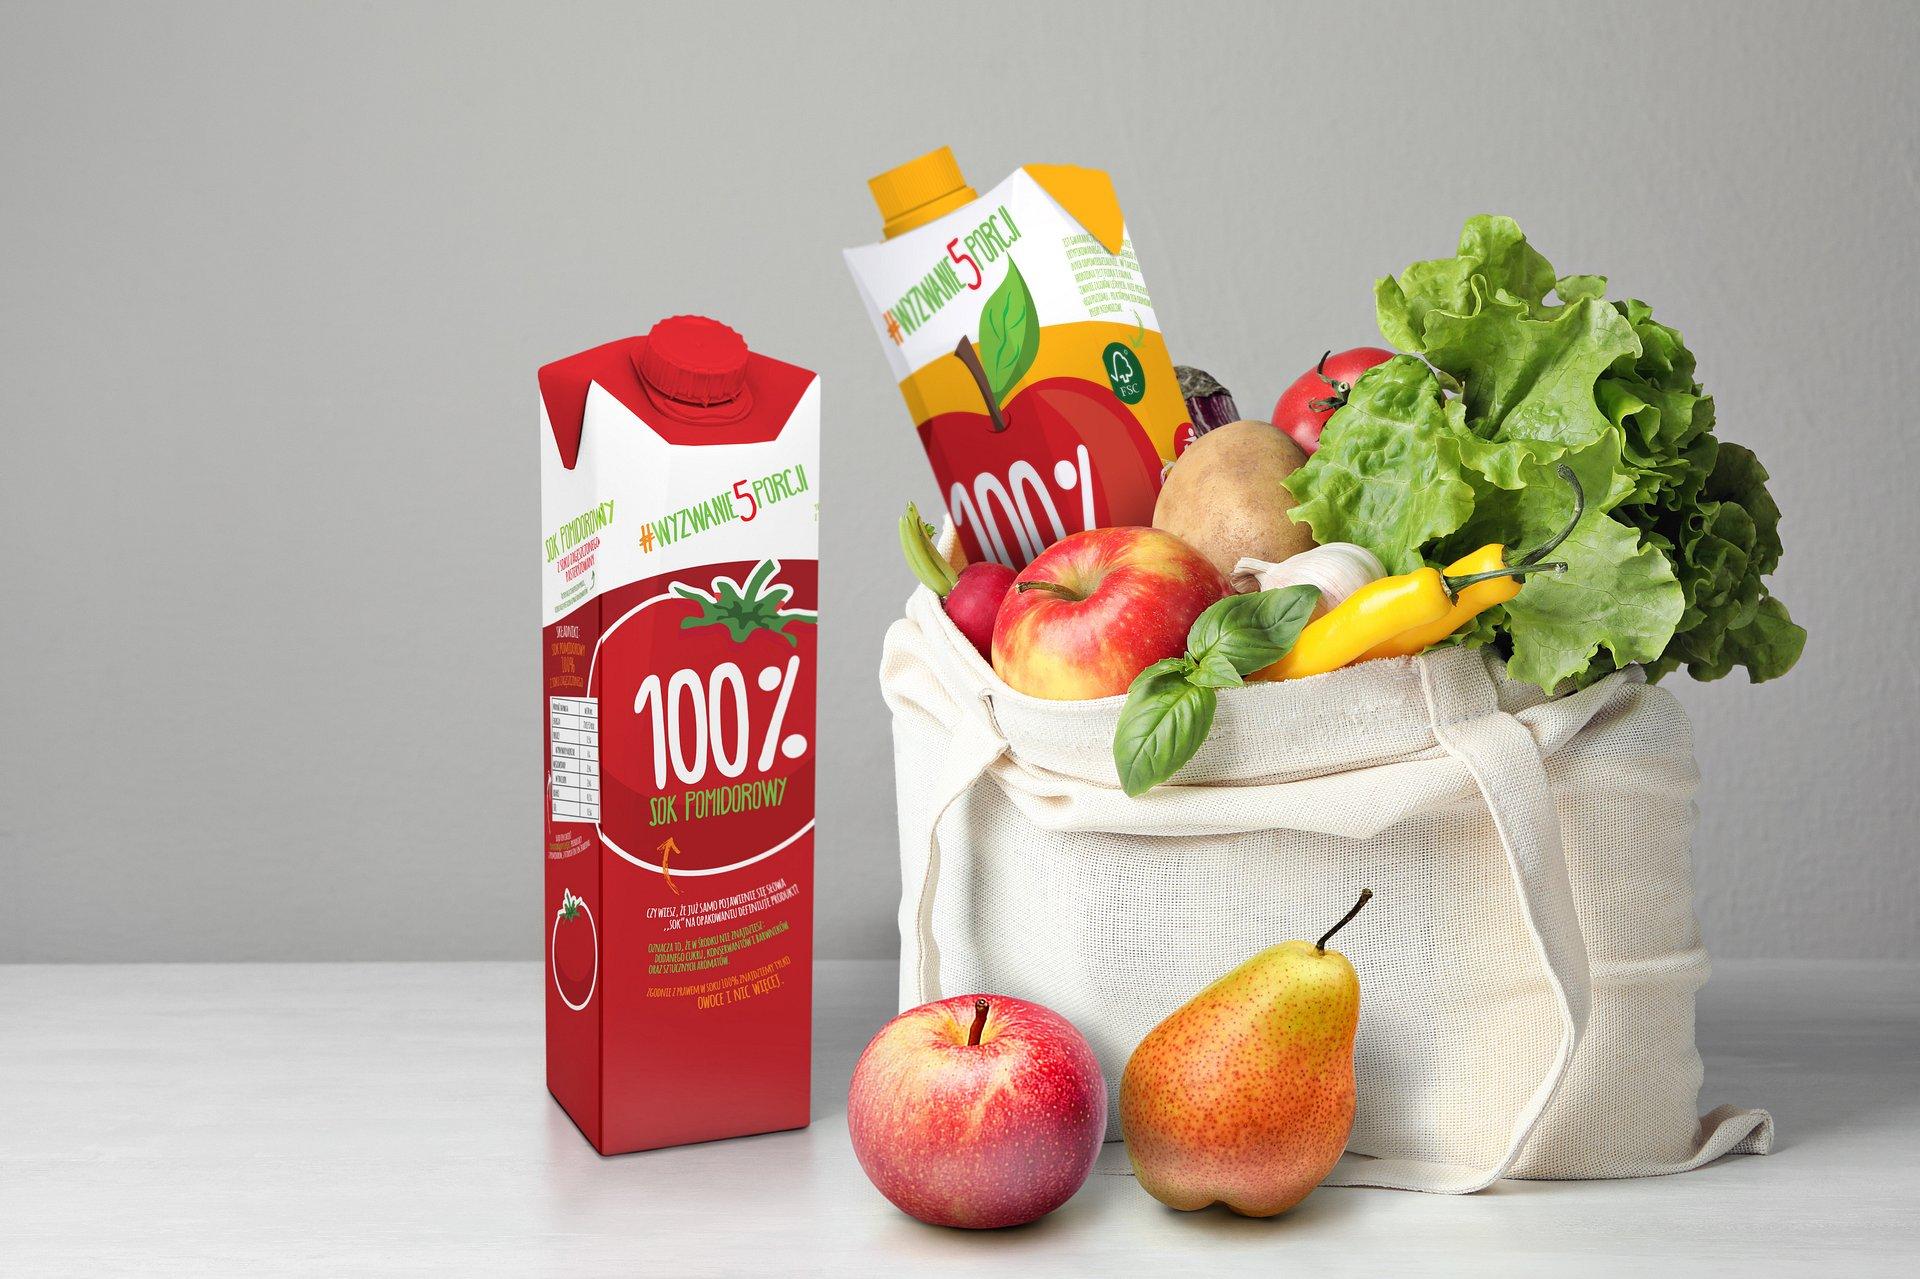 5 zasad przechowywania warzyw i owoców